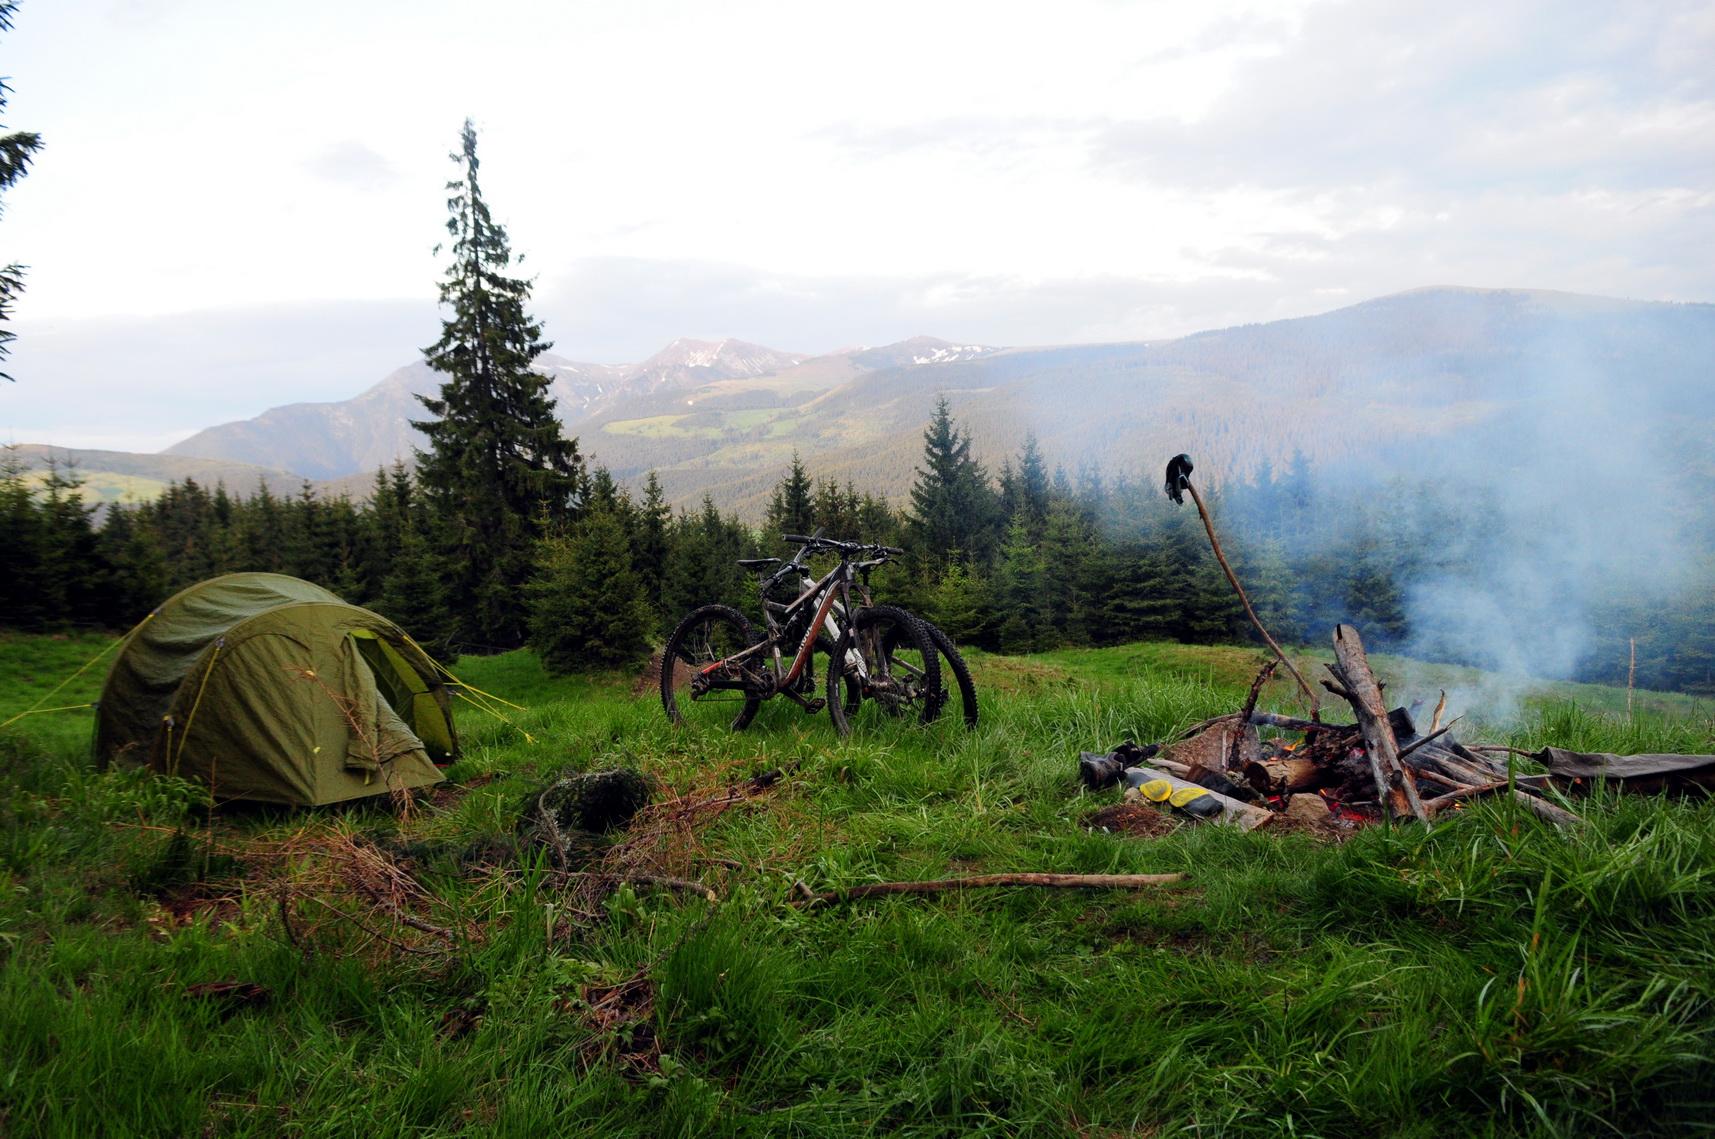 A vad természetben is lehet pihentető az éjszaka, megfelelő felszereléssel Forrás: Paraferee - Mozgásvilág.hu